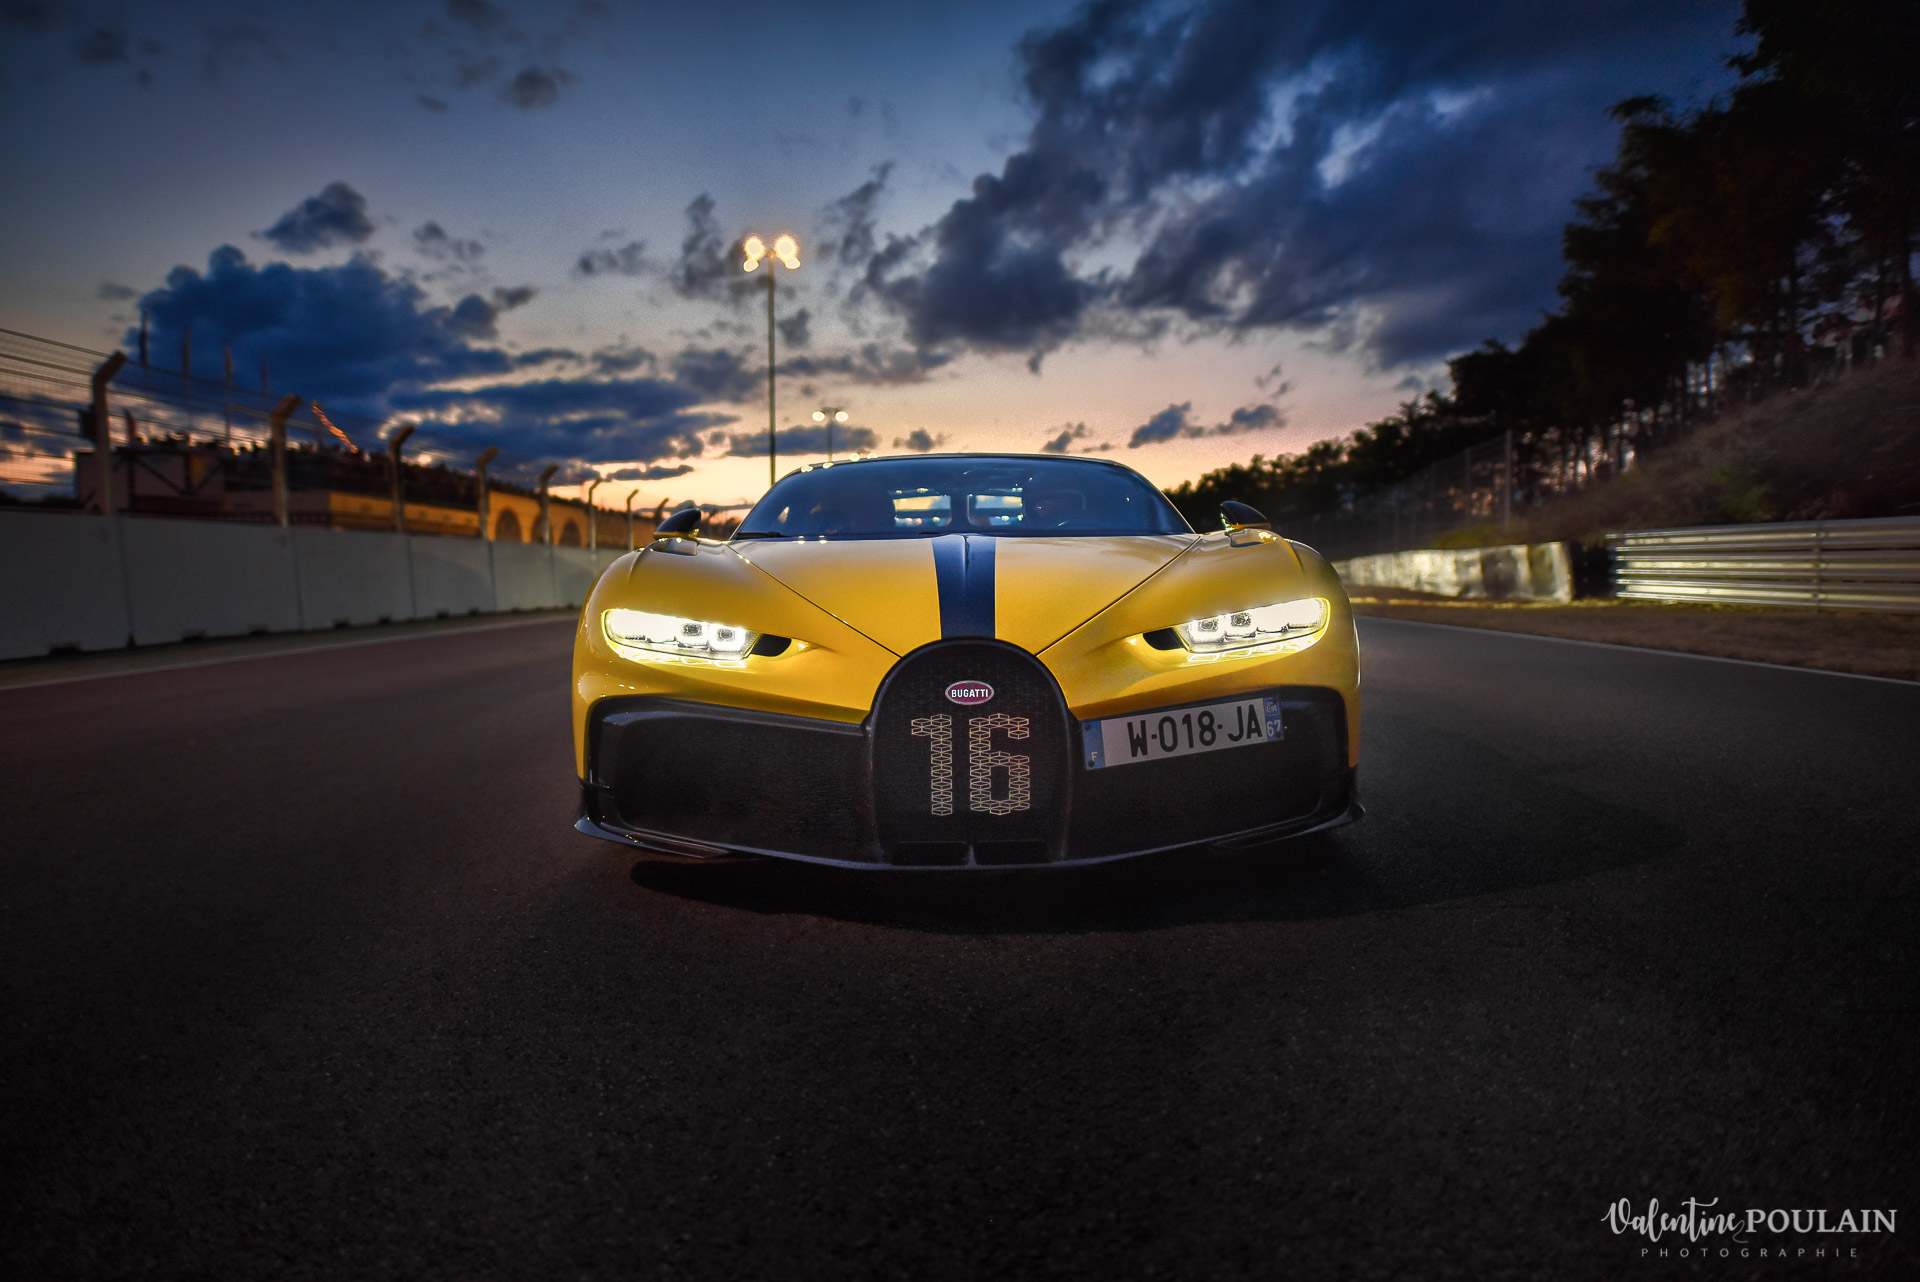 Reportage photo Evenement sportif Bugatti Chiron pur sport -automobile_Valentine Poulain -